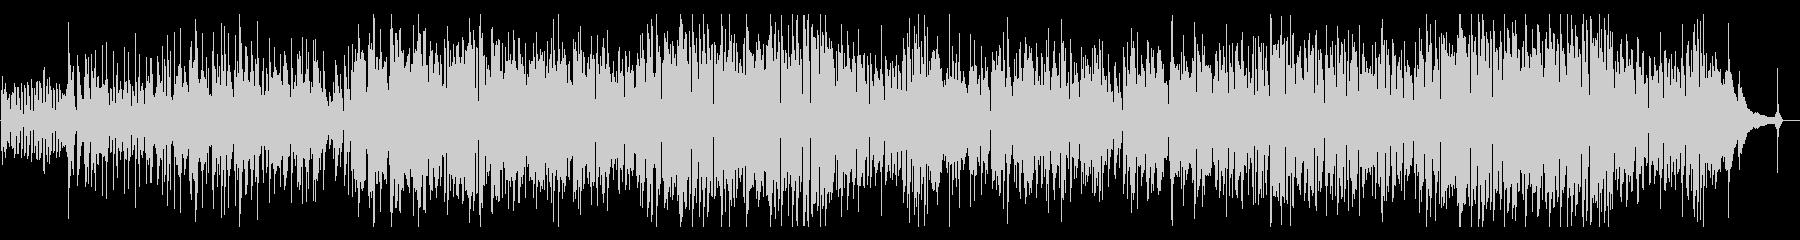 フルート生演奏のボサノバの未再生の波形